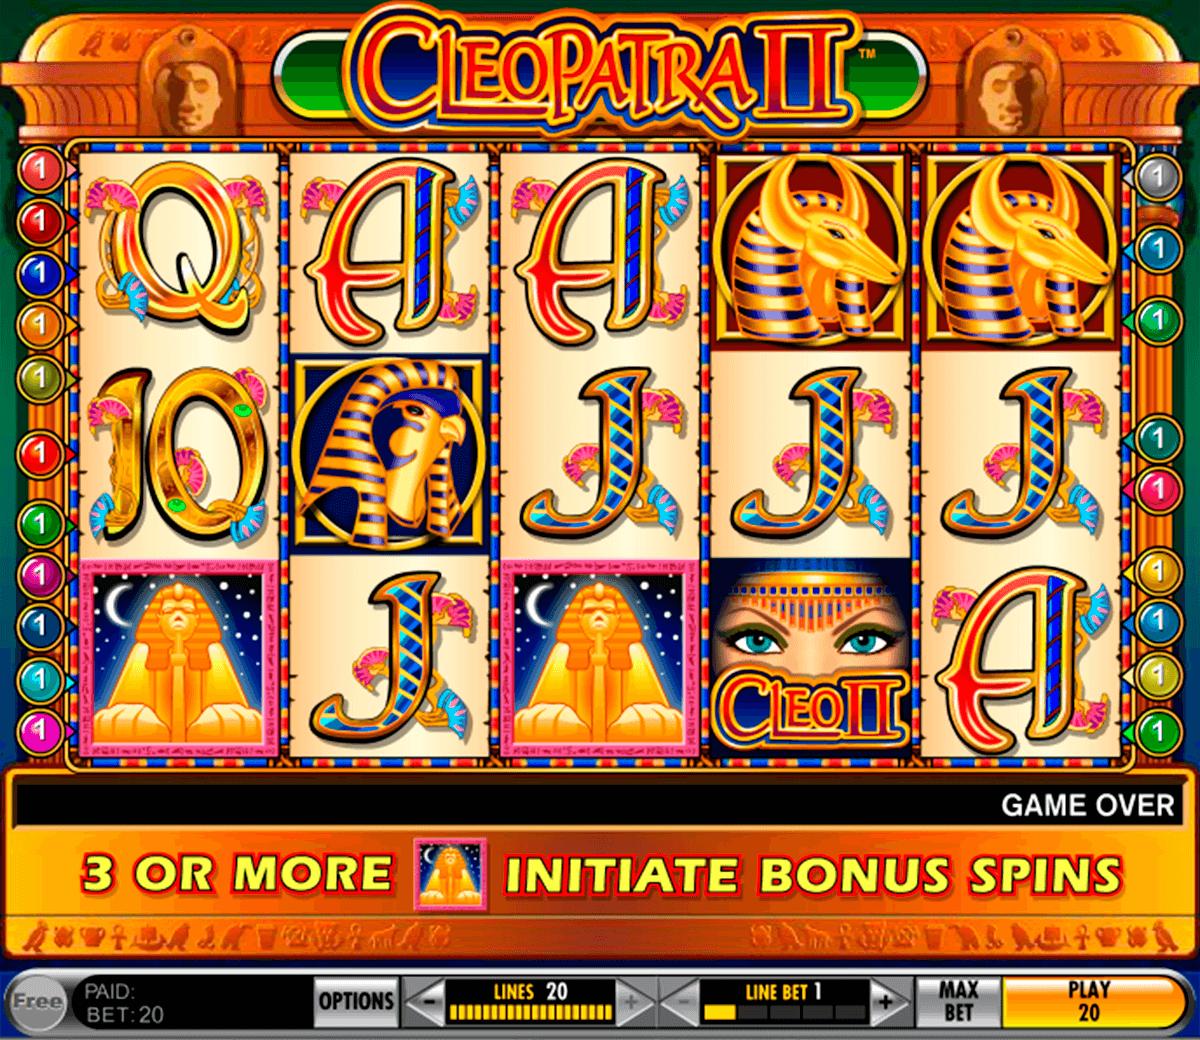 Jugar Gratis Money Wheel Tragamonedas en Linea-249